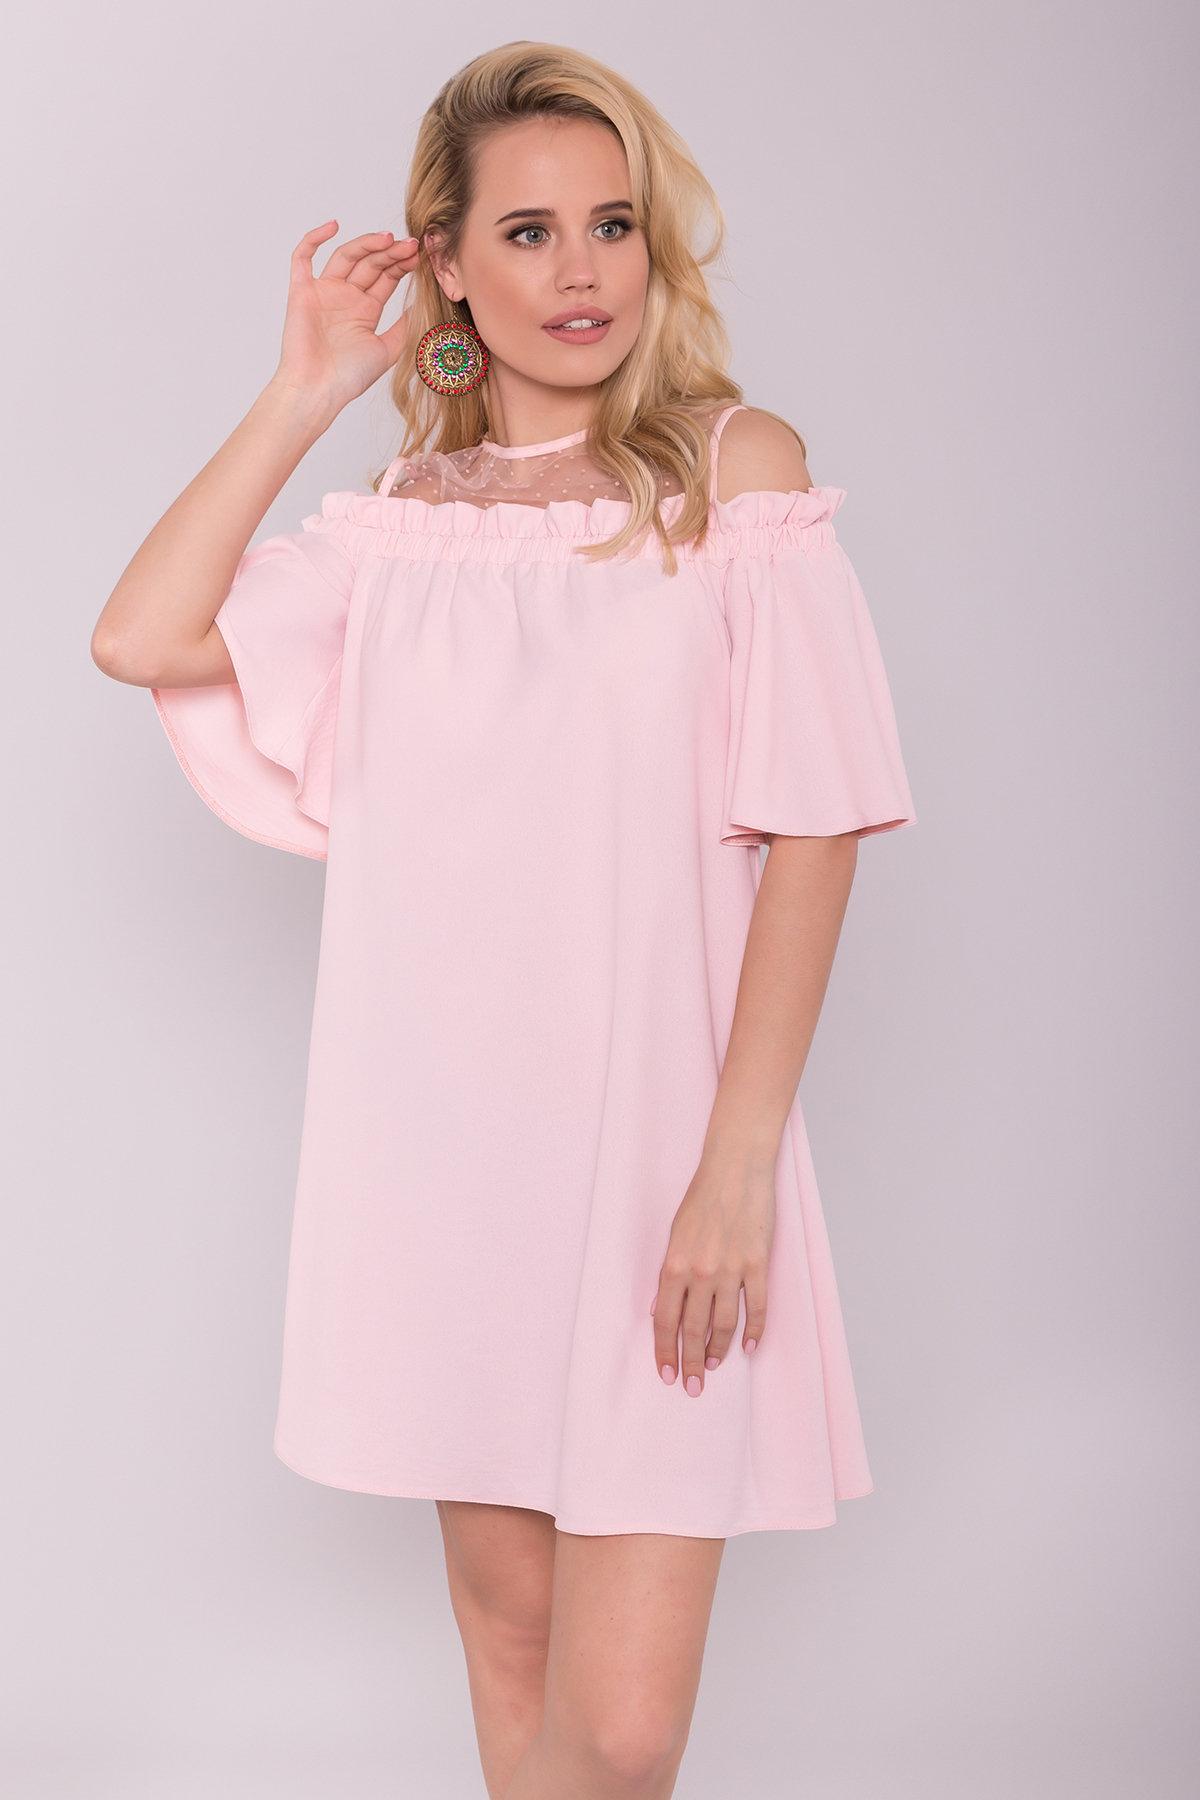 Платье Молена 7138 АРТ. 42779 Цвет: Розовый 16 - фото 3, интернет магазин tm-modus.ru